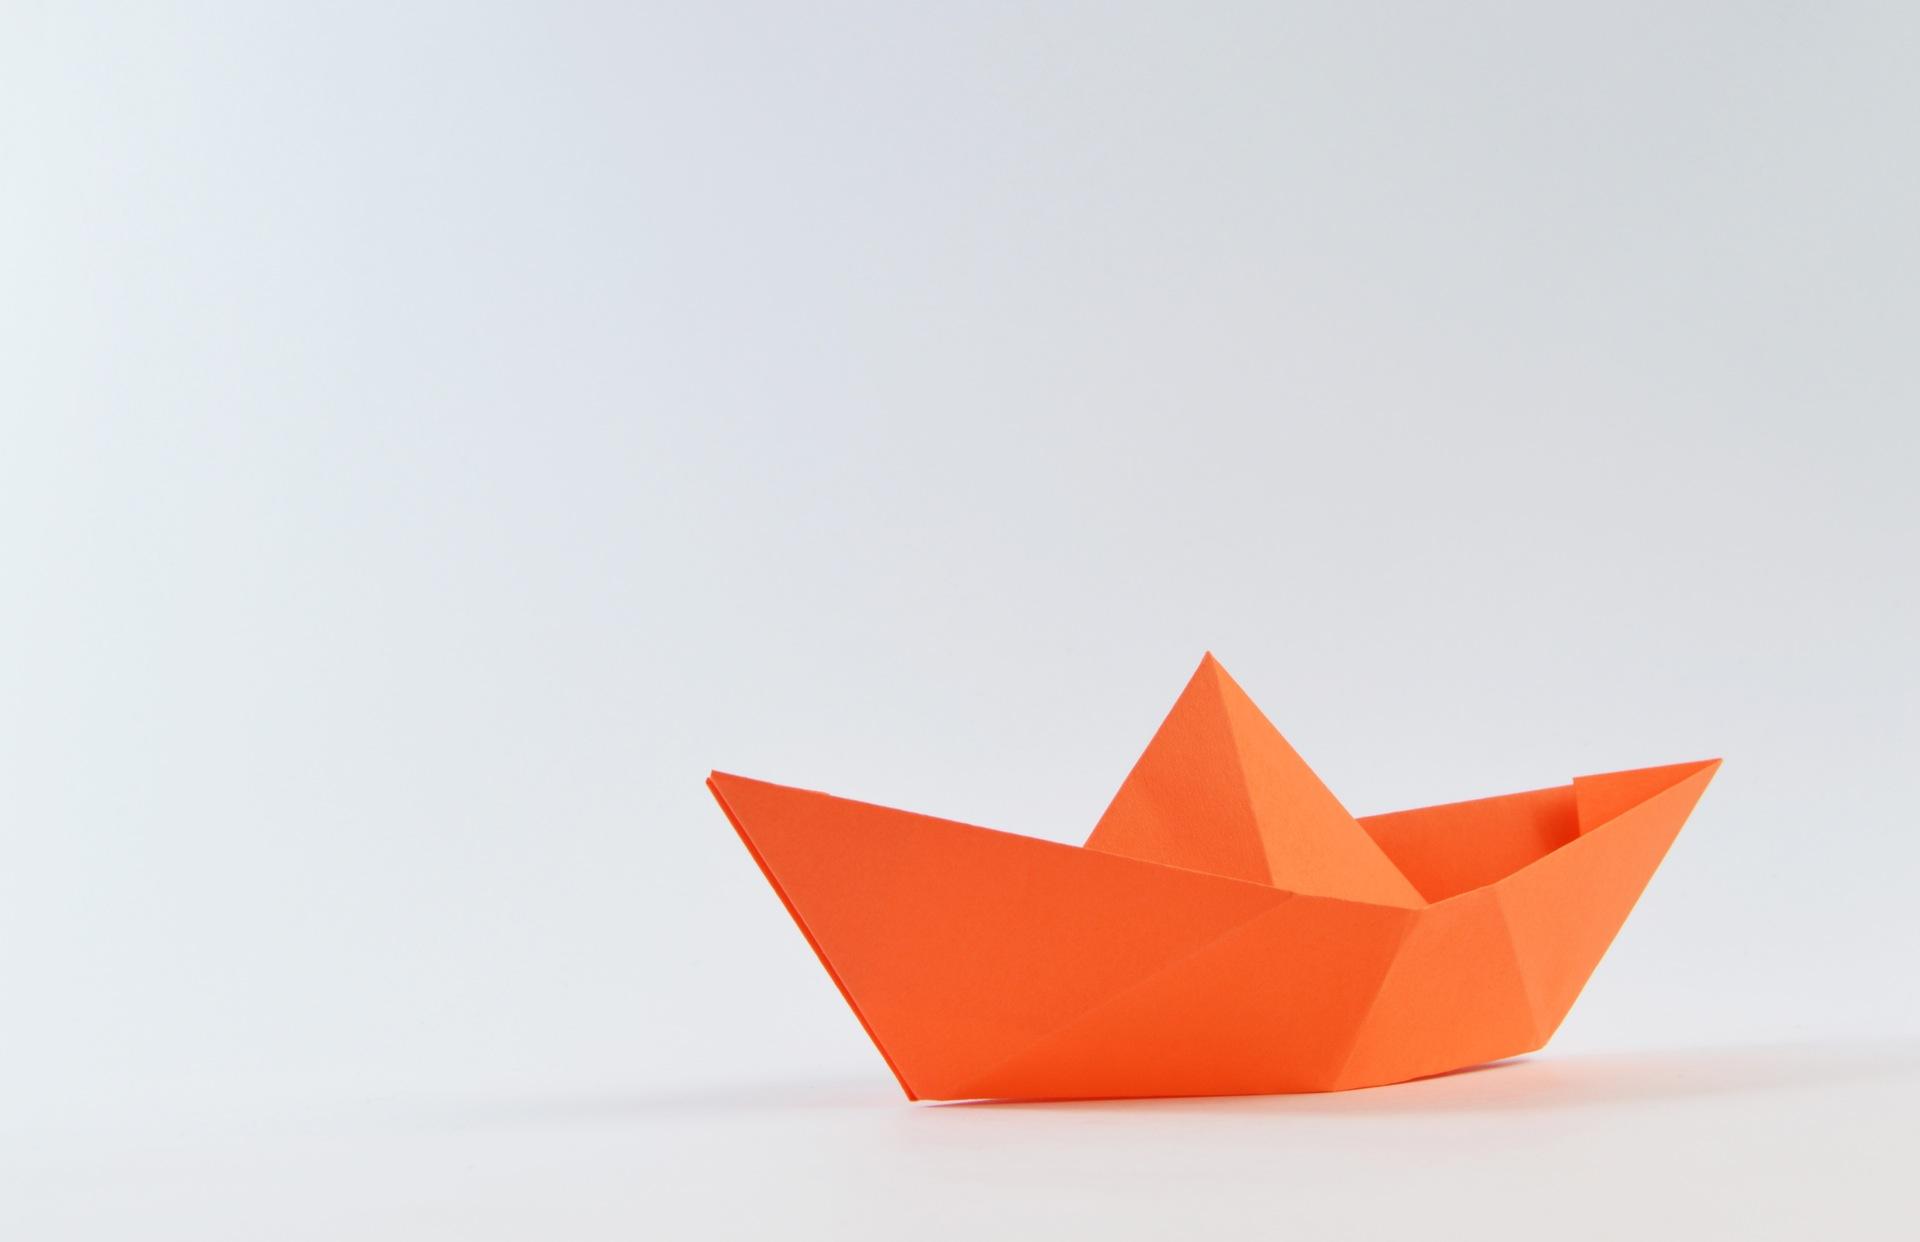 小船, 纸张, 极简主义者, 折纸, 橙色 - 高清壁纸 - 教授-falken.com